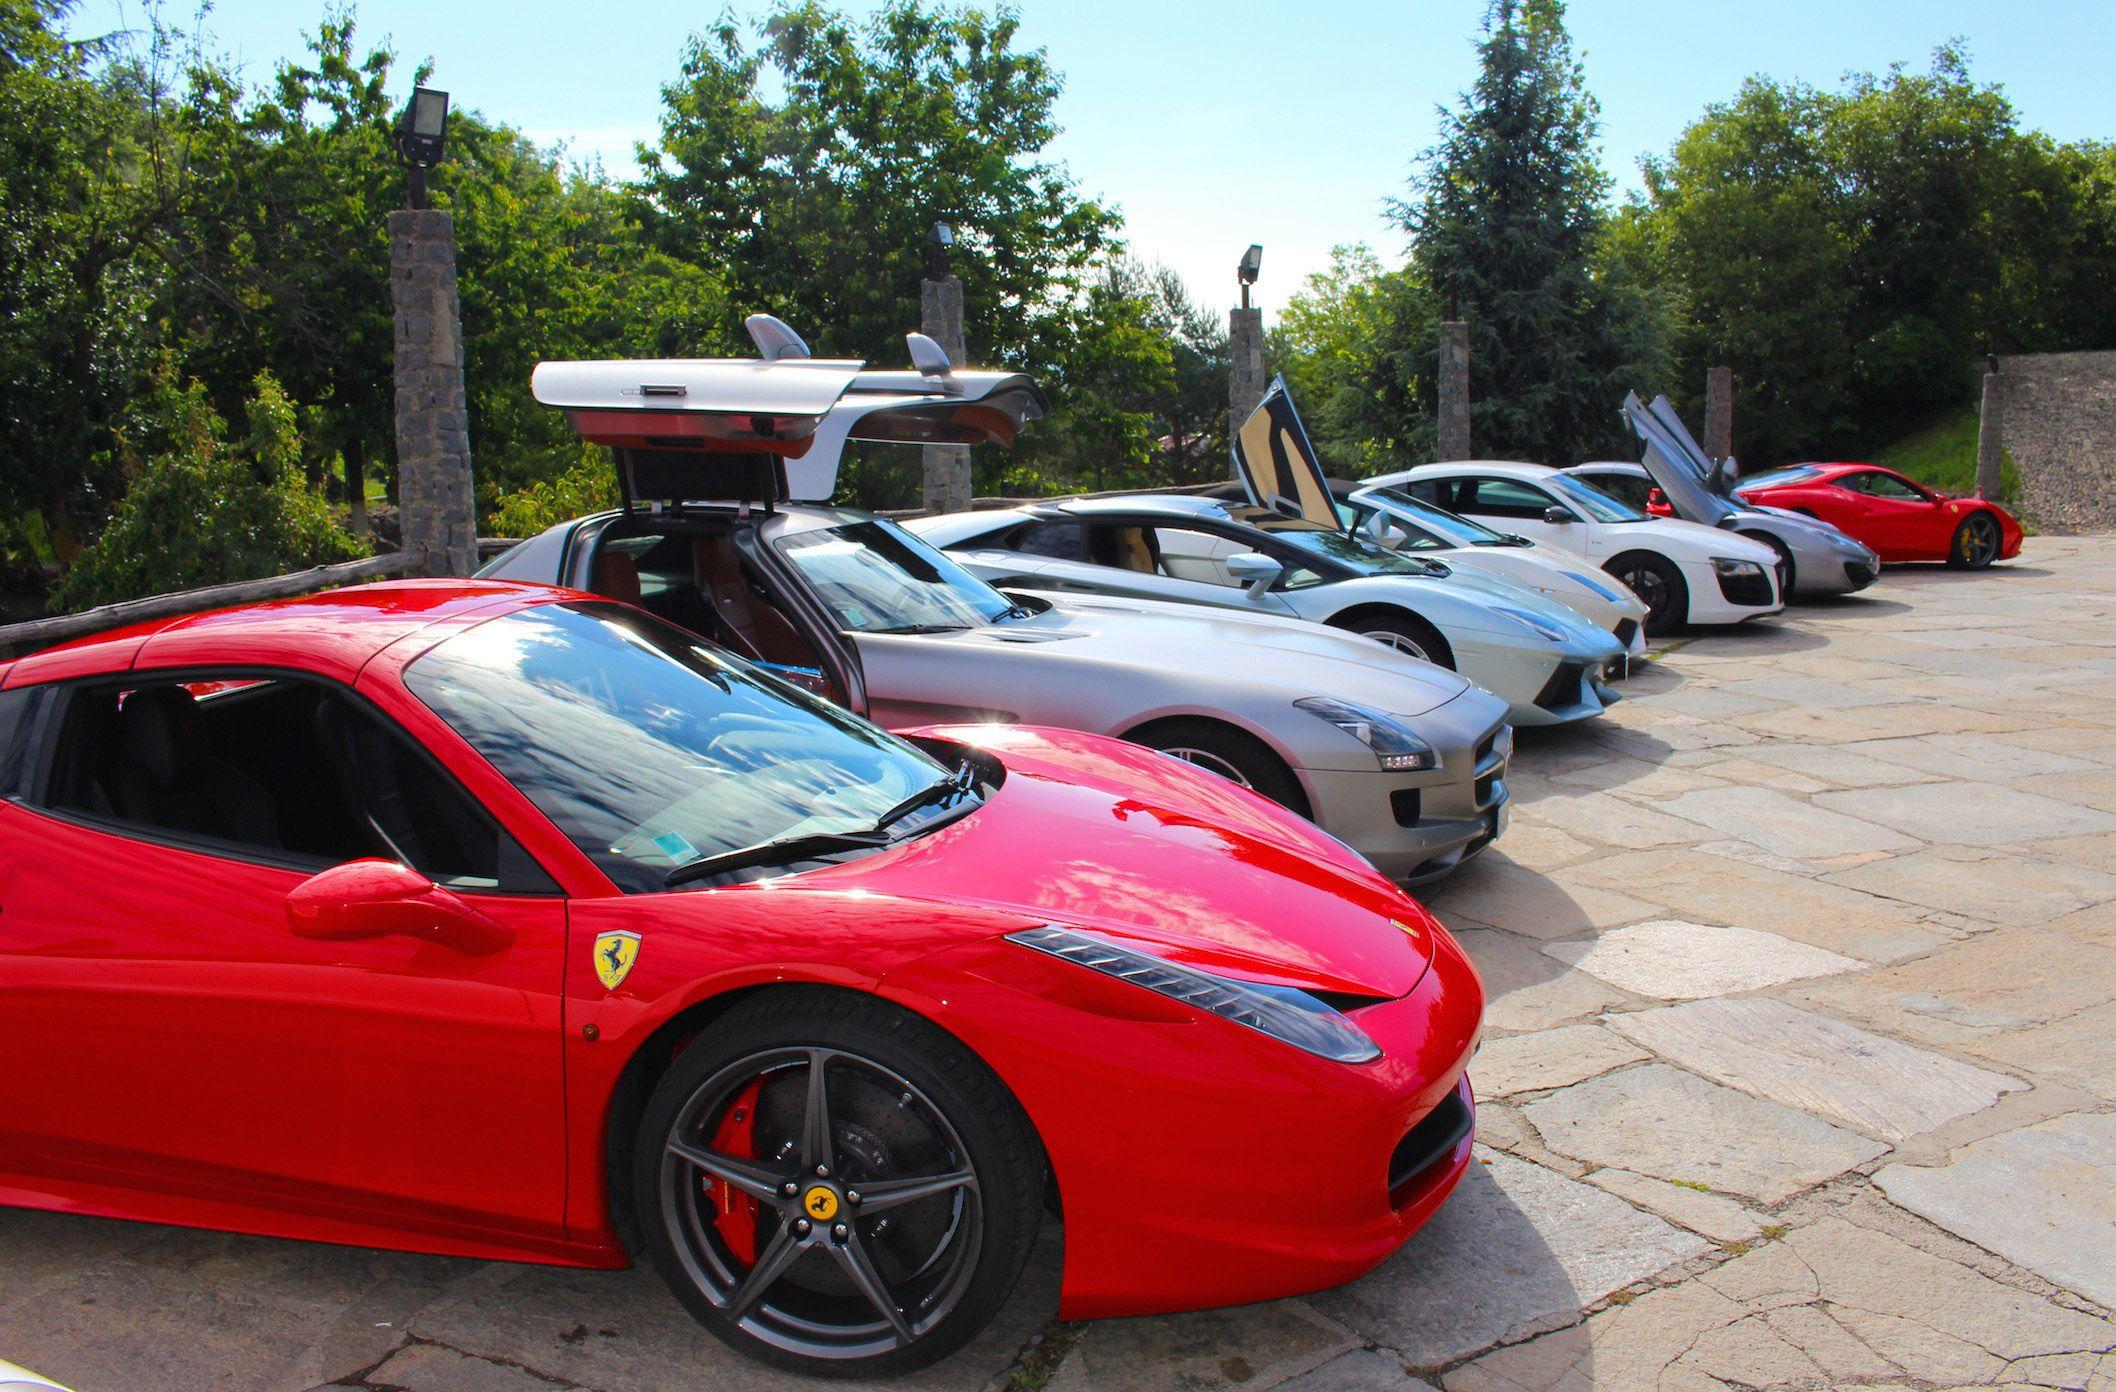 European Super Car Driving Tour Super Cars Adventure Bucket List Tours